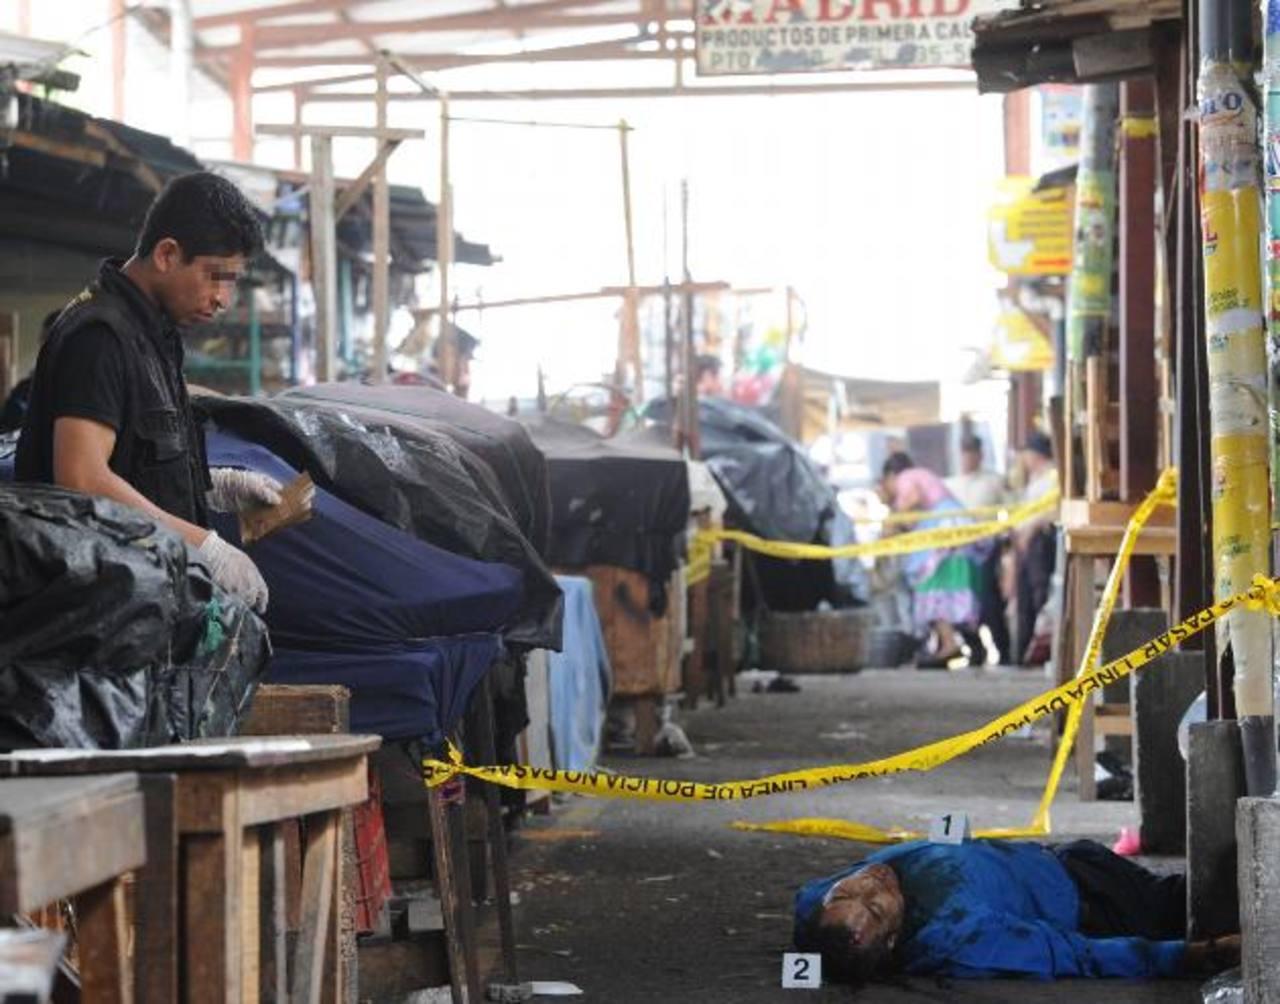 Un persona asesinada y dos heridos se registraron ayer en el mercado de Soyapango. Foto EDH / Claudia Castillo.